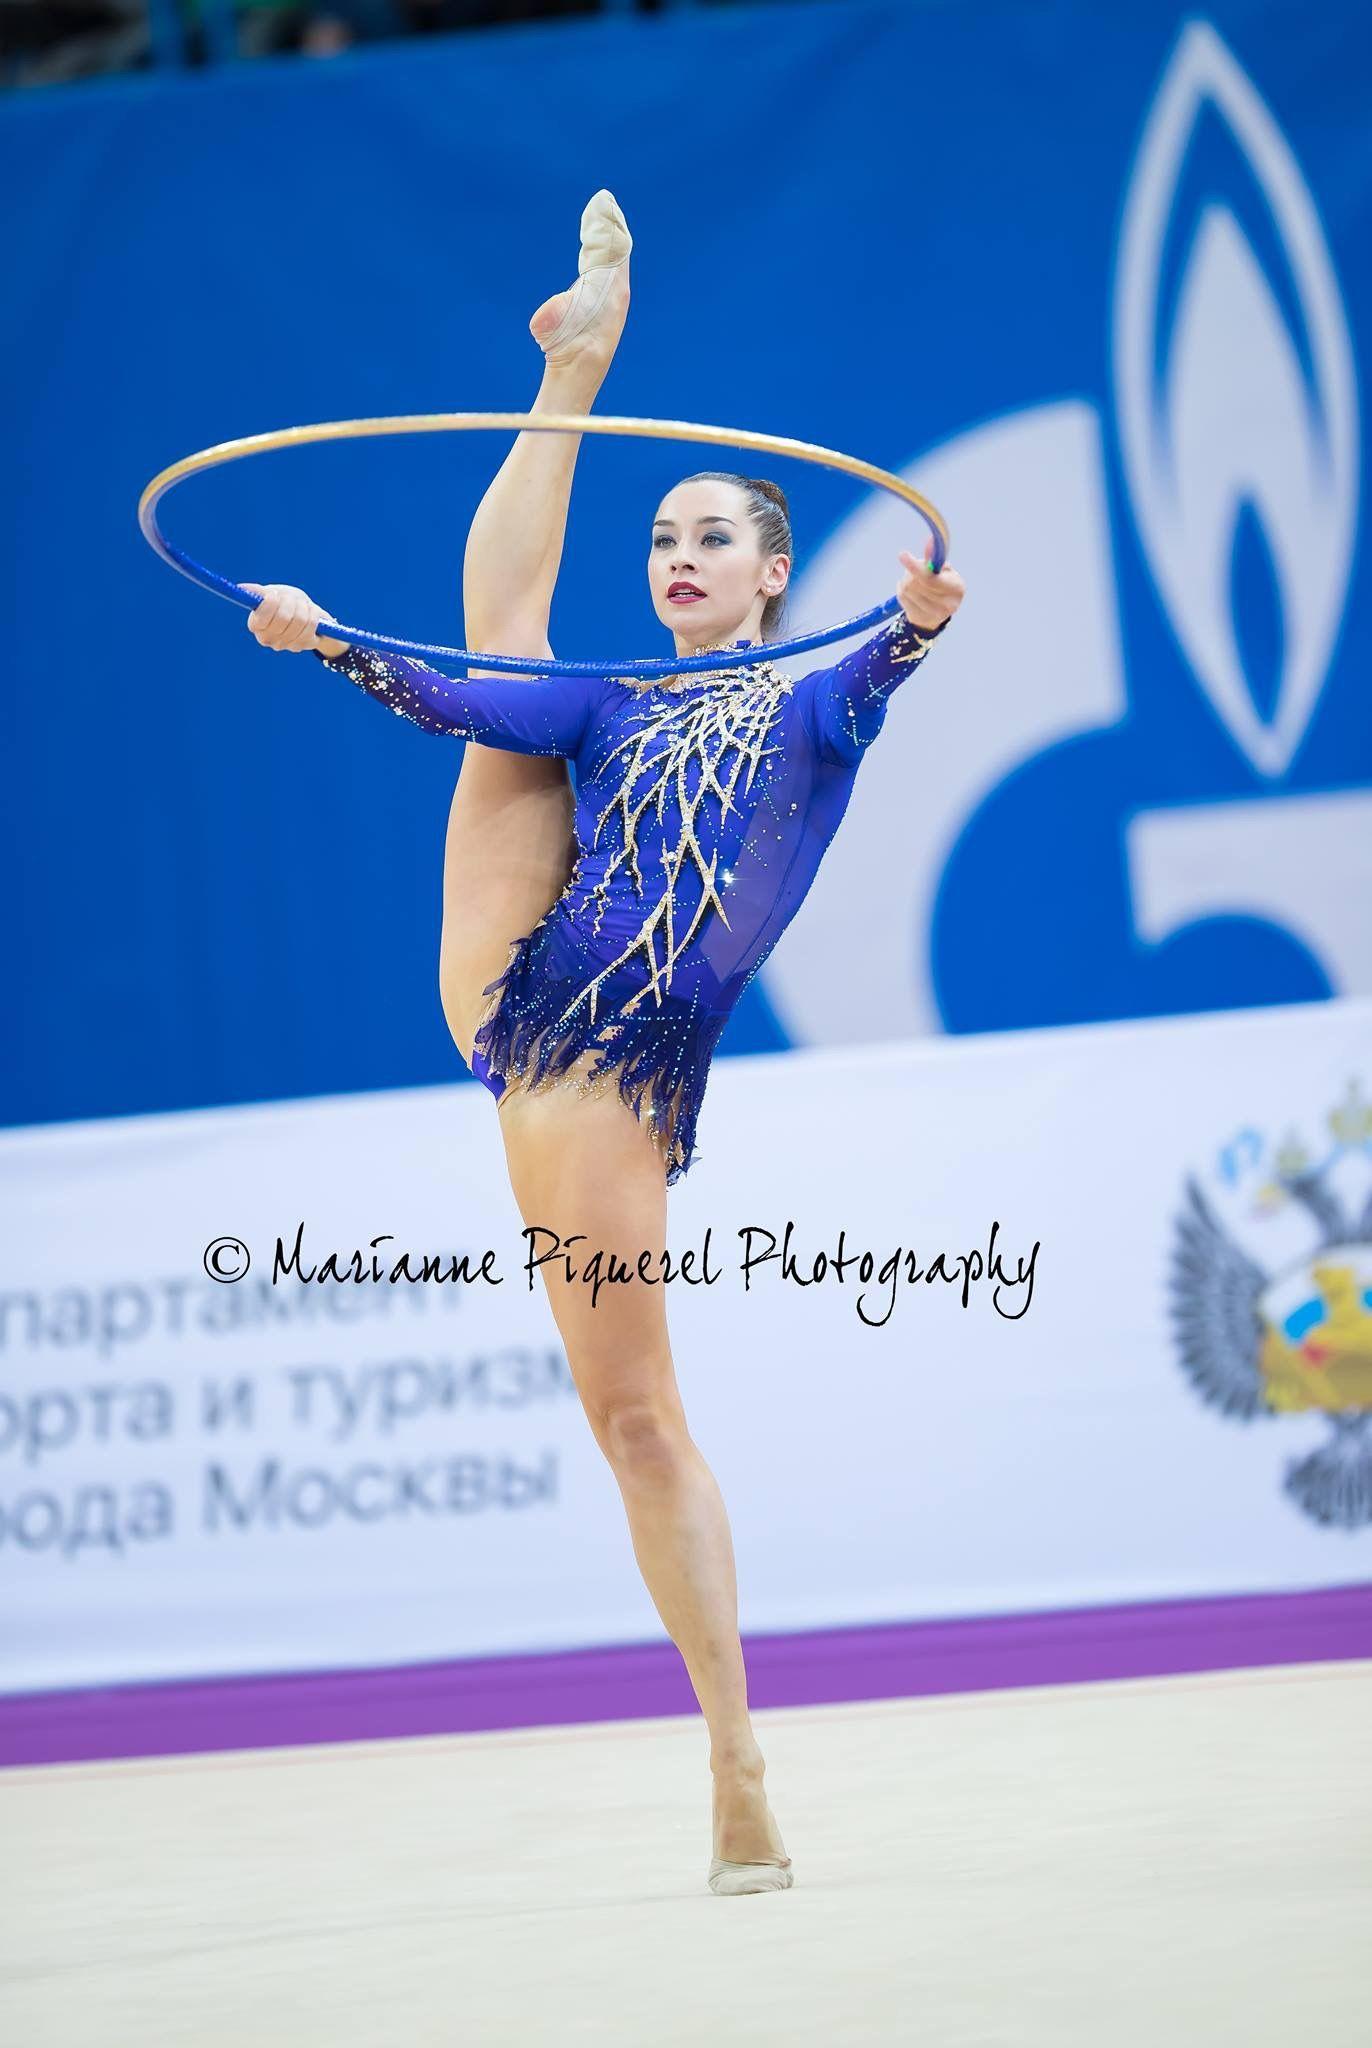 「Sports Rhythmic Gymnastics」おしゃれまとめの人気アイデア Pinterest